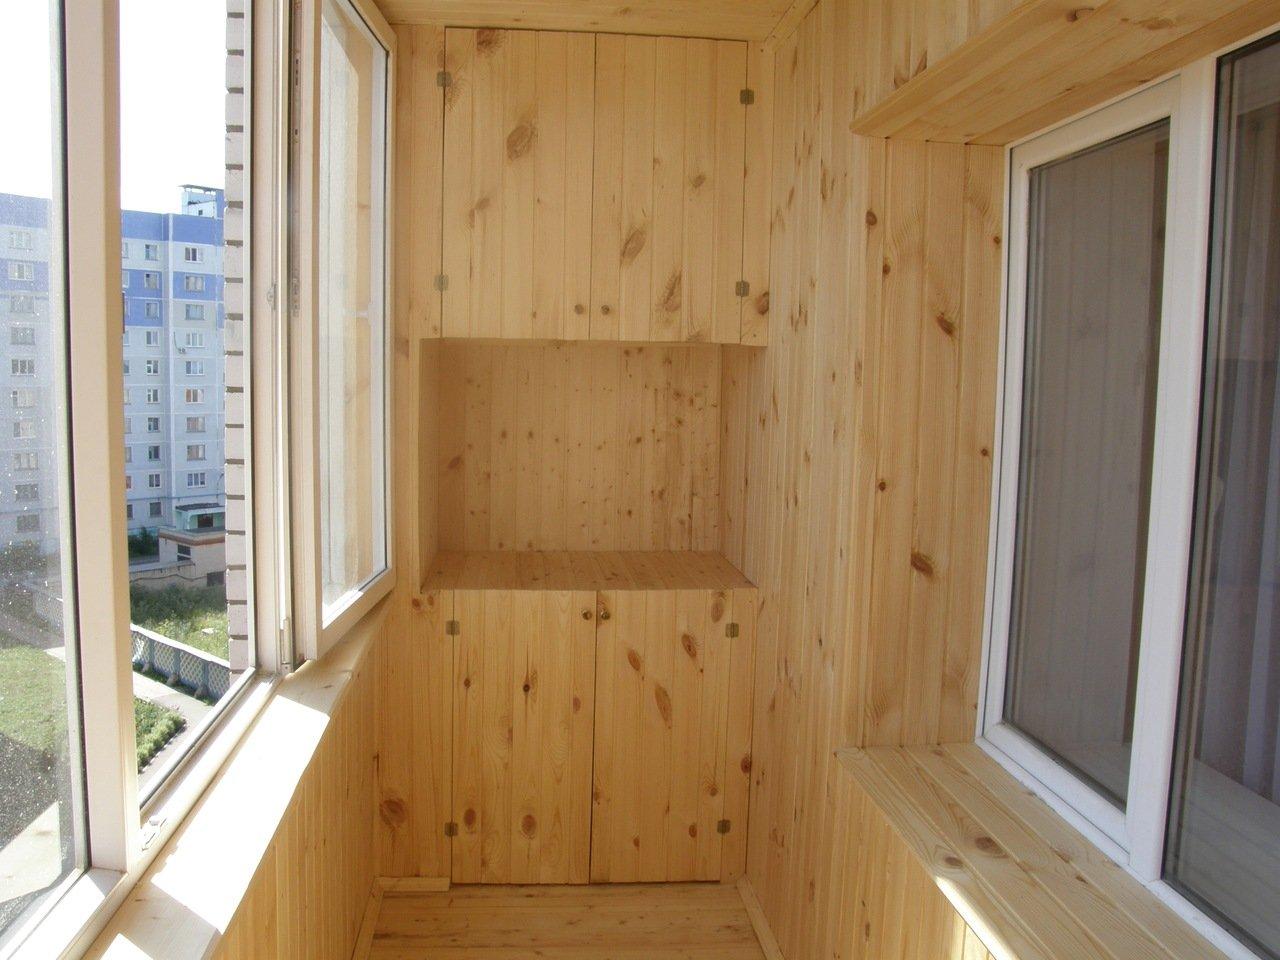 Обшивка балкона вагонкой - Чебоксары, Чувашия * do-ska.top.